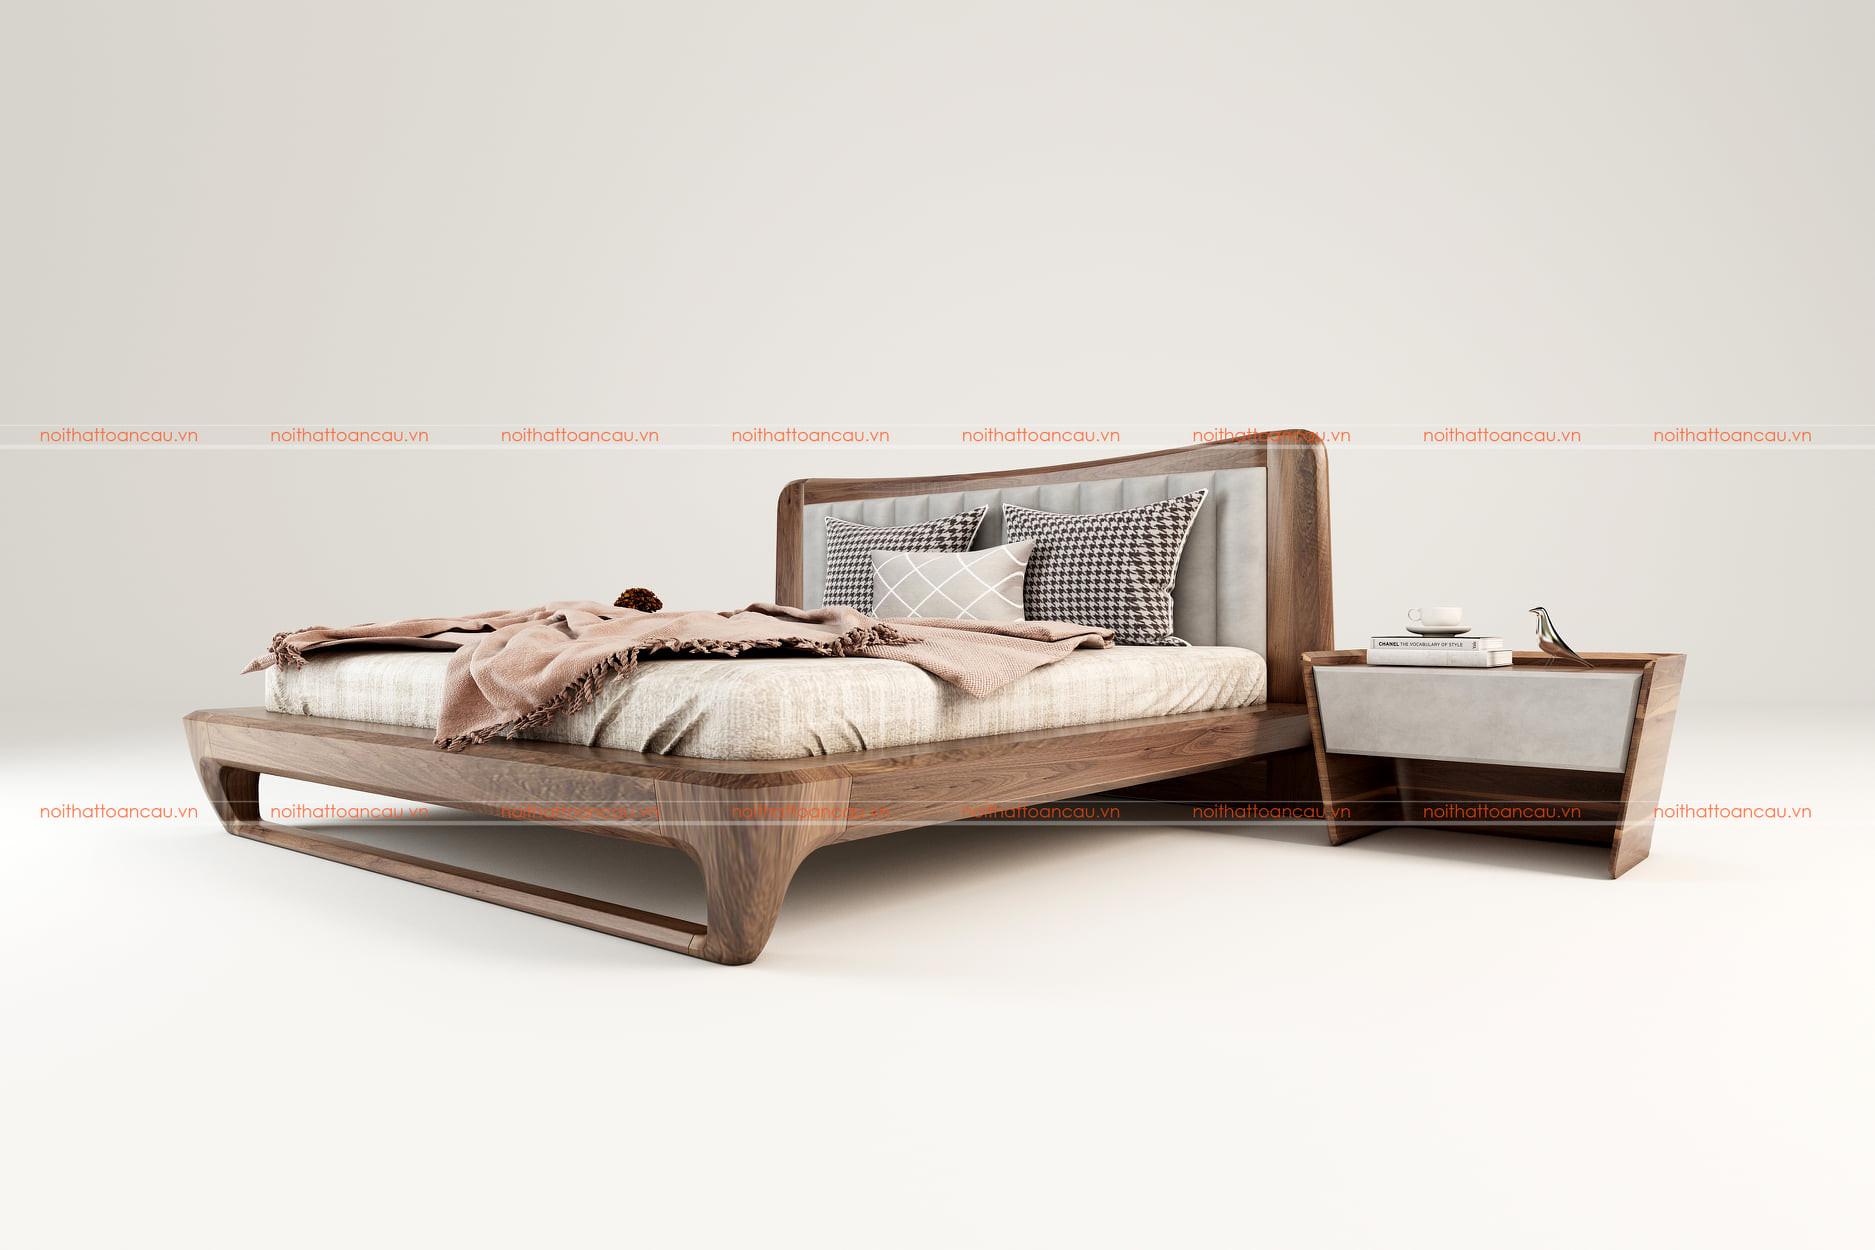 Giường ngủ gỗ óc chó tự nhiên 159 b